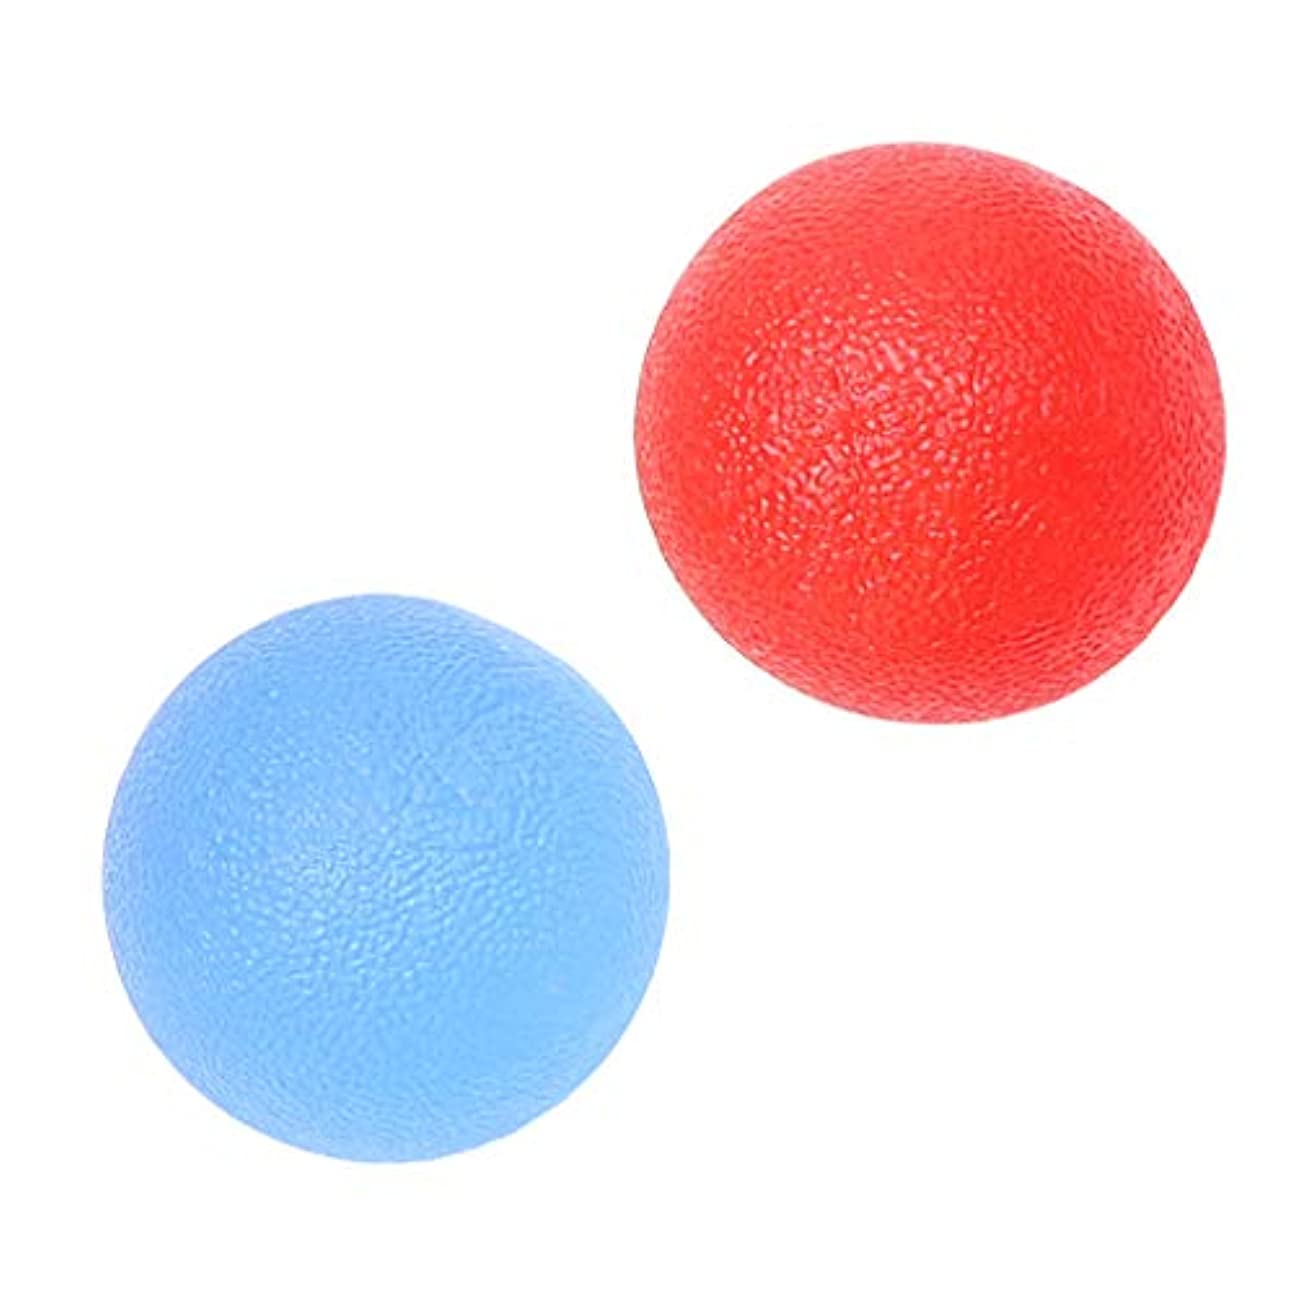 窓反対する専ら2個 ハンドエクササイズボール ハンドグリップ シリコン 指トレーニング ストレス緩和 減圧 赤/青